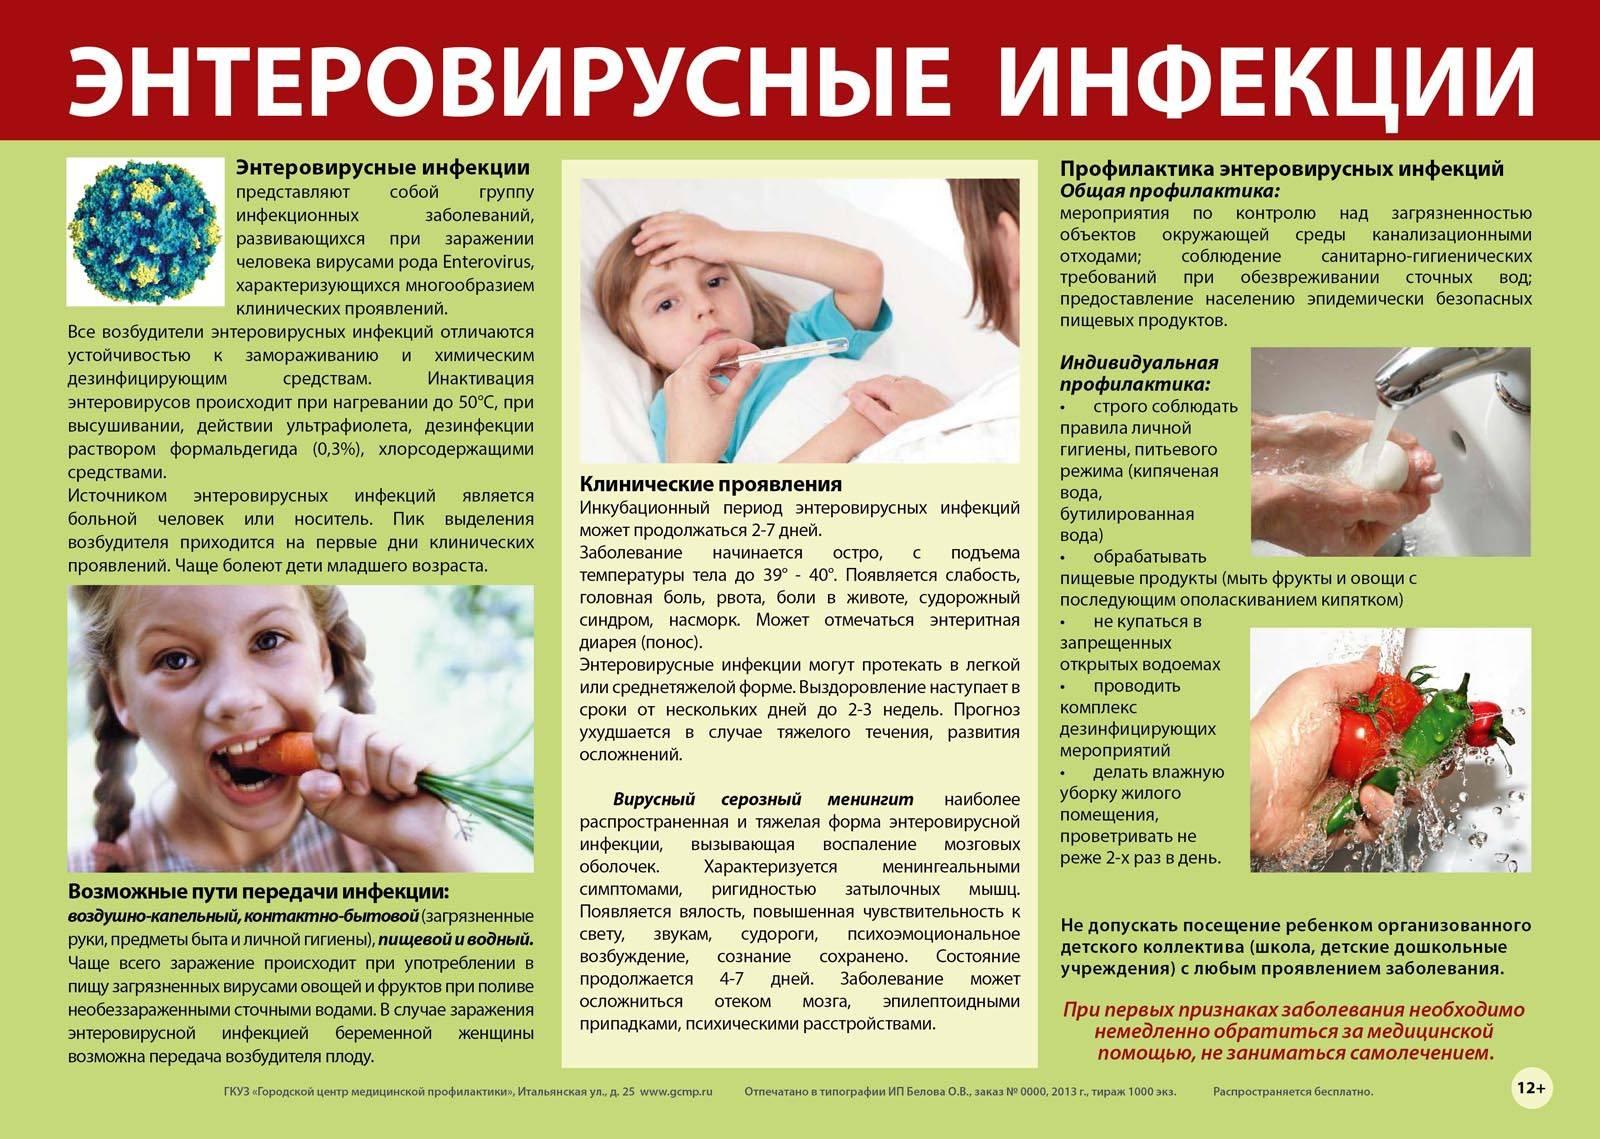 Аденовирусная инфекция у грудничка симптомы и лечение